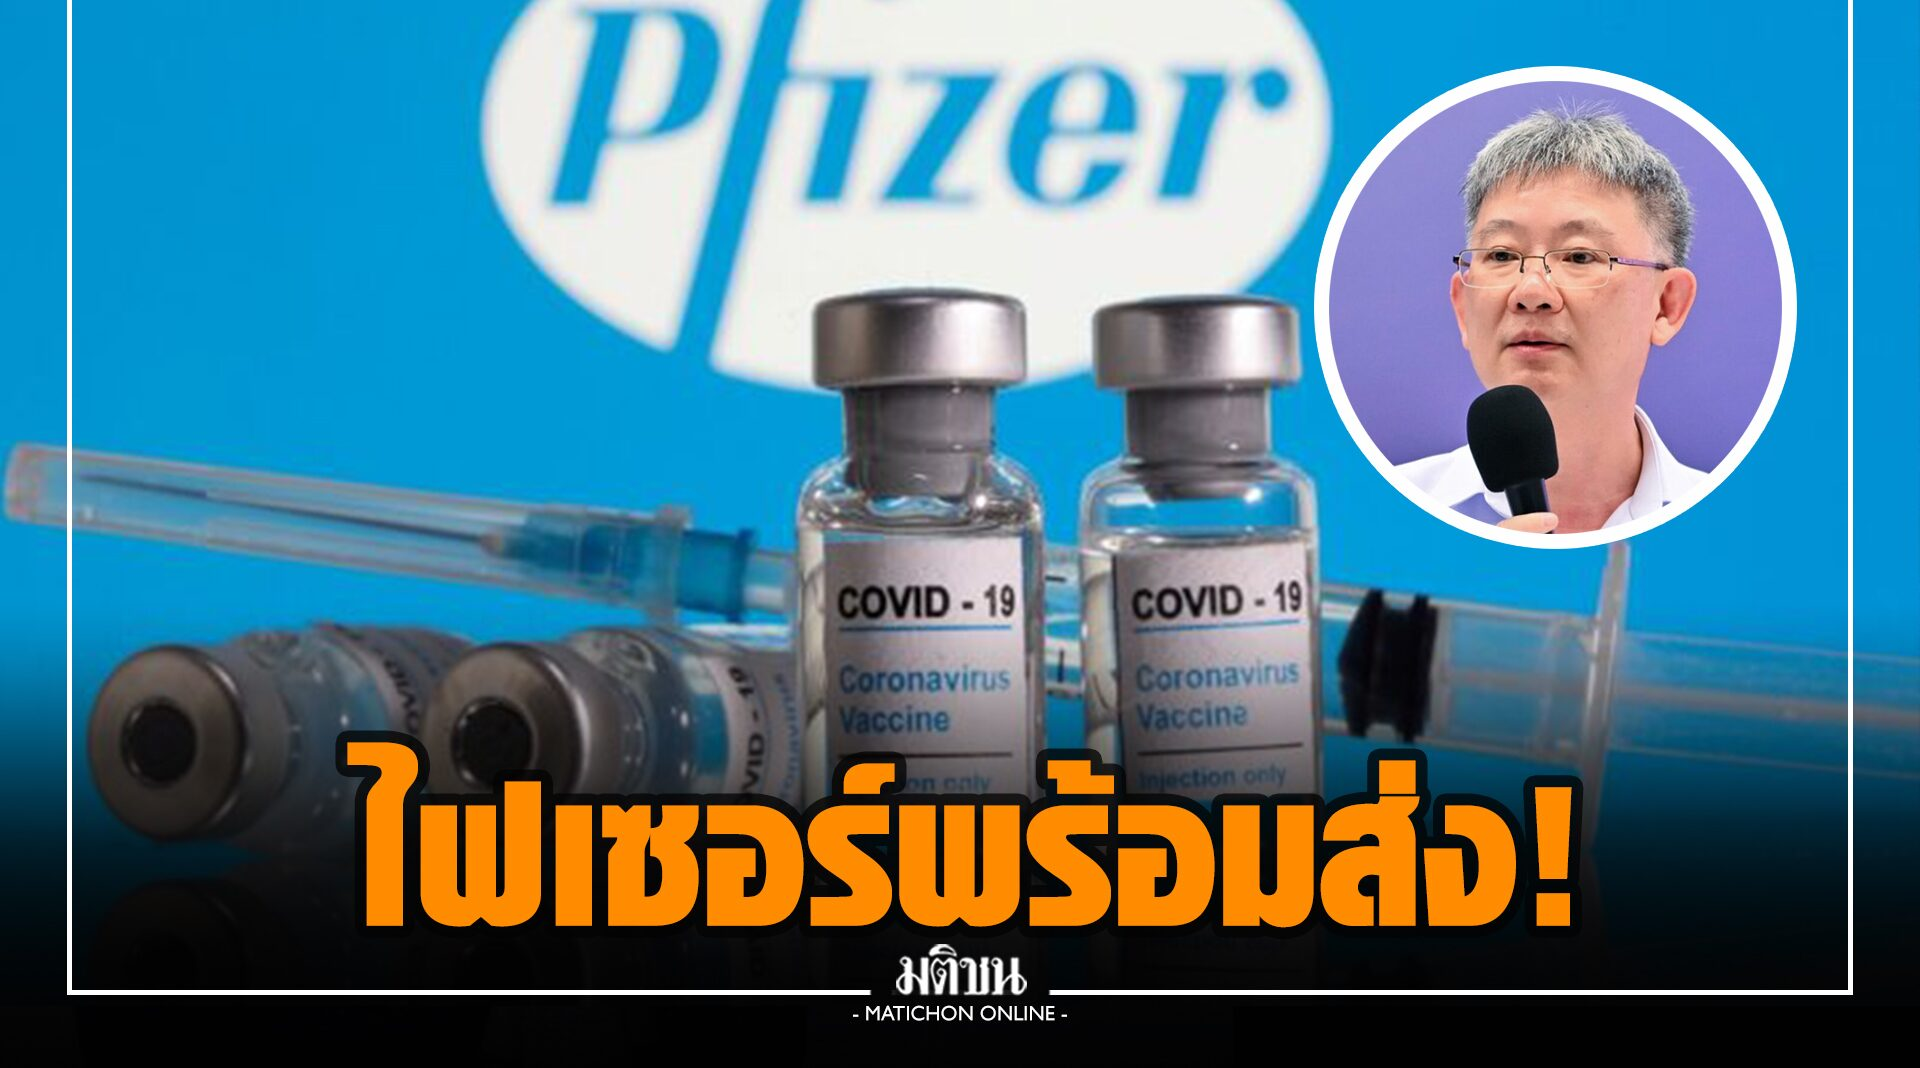 ไฟเซอร์ พร้อมส่งแล้ว! สธ.รอสัญญาณ รพ.ในกรุงเทพฯ-ปริมลฑล รับวัคซีนฉีดบุคลากรด้านหน้า